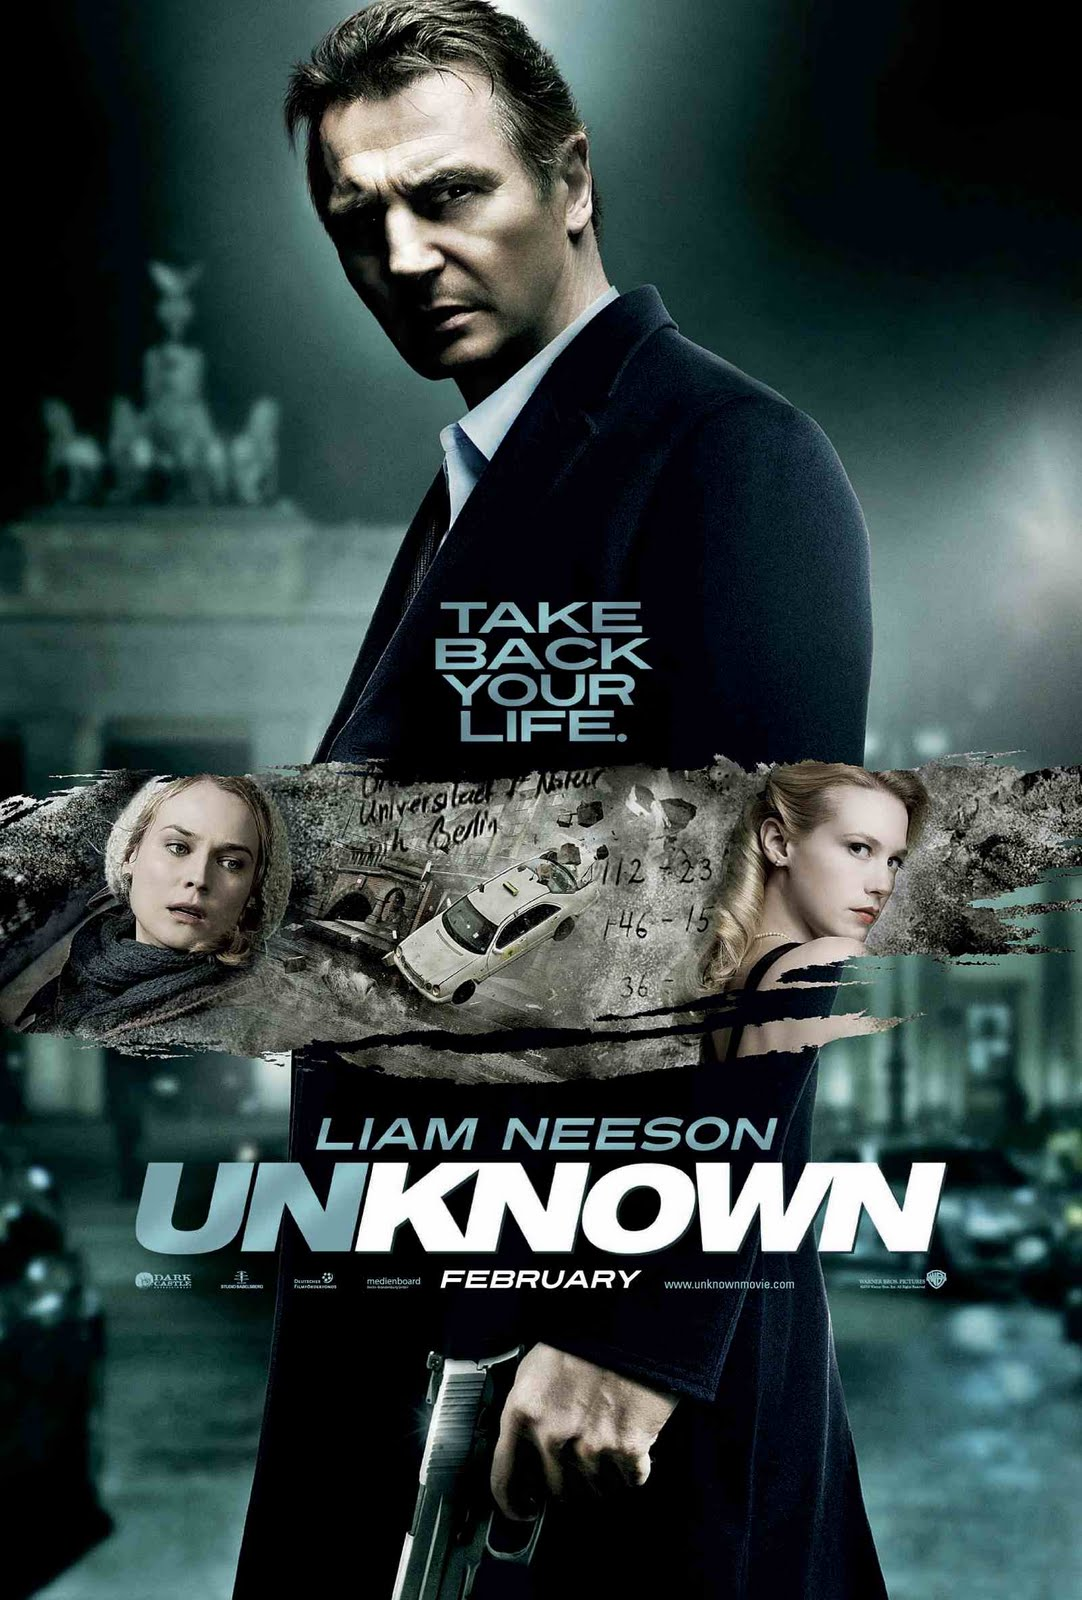 http://1.bp.blogspot.com/-B-mgSits65Y/Thd1LTrSHII/AAAAAAAAJag/PnXCh_rKAP0/s1600/unknown_movie_poster_hi-res_01.jpg